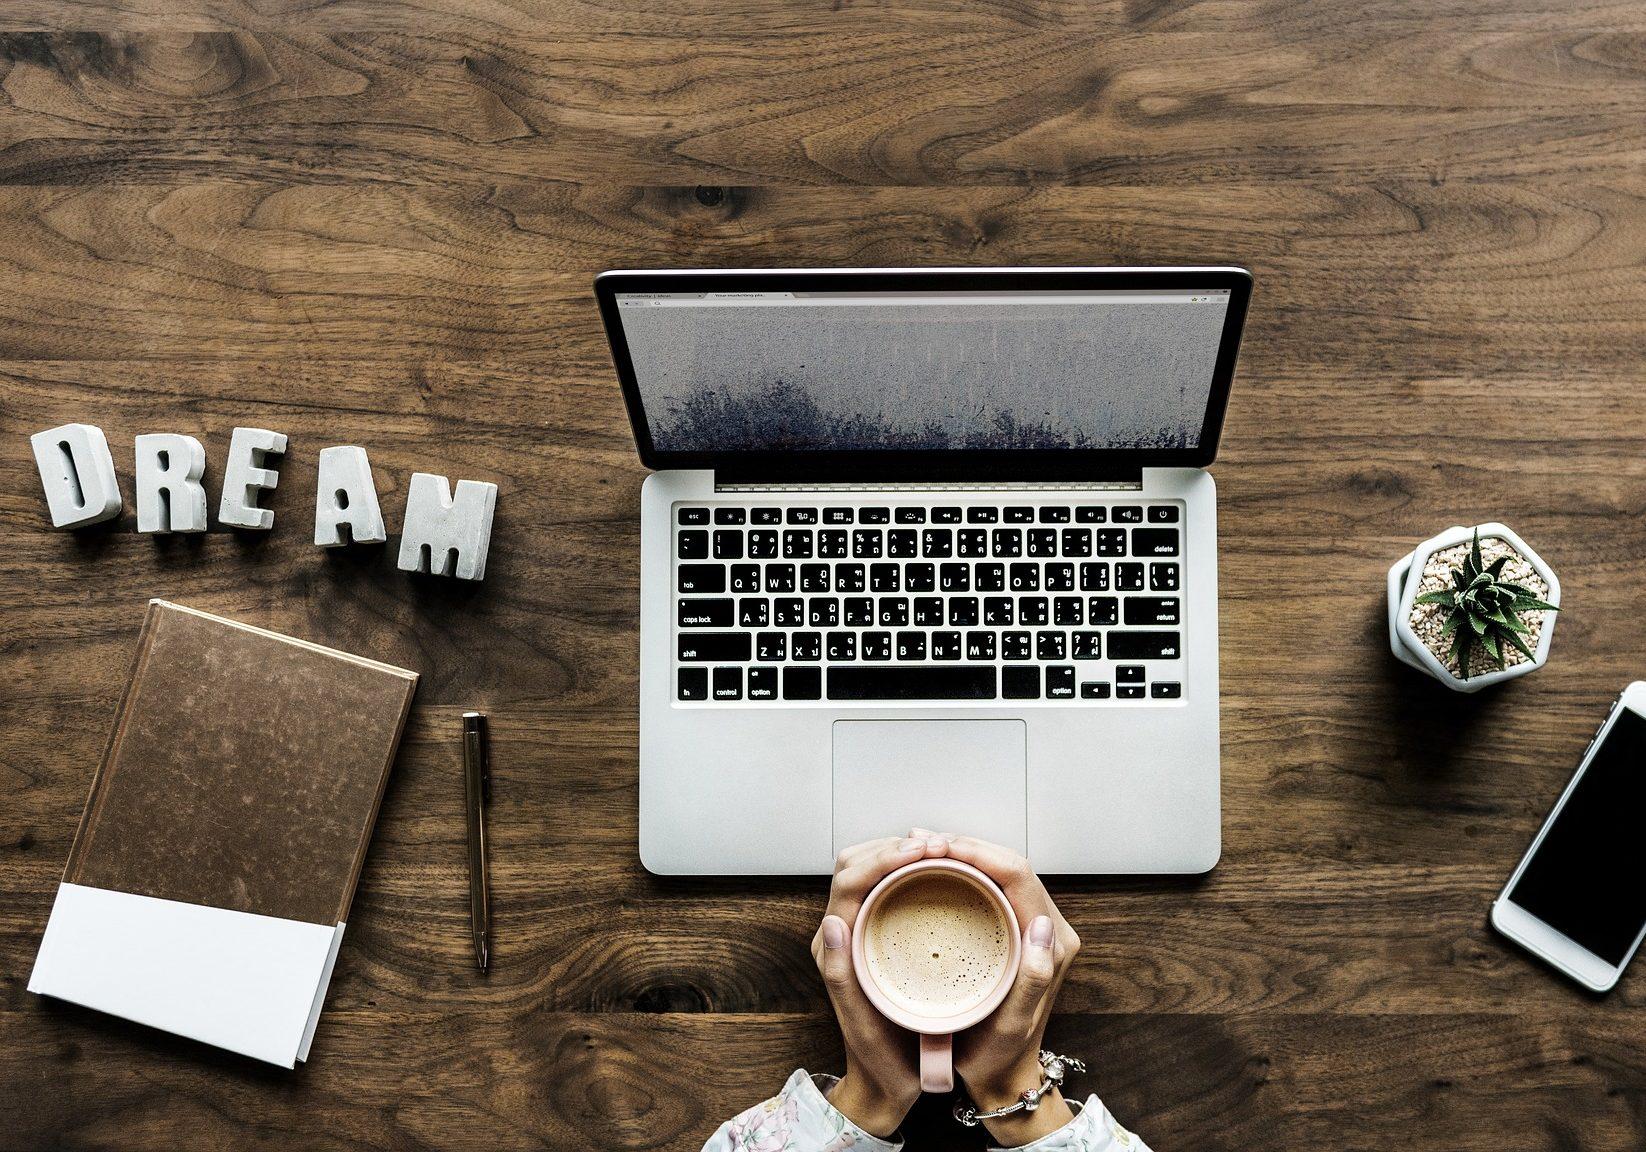 Comment devenir auto entrepreneur facilement grâce à cet article